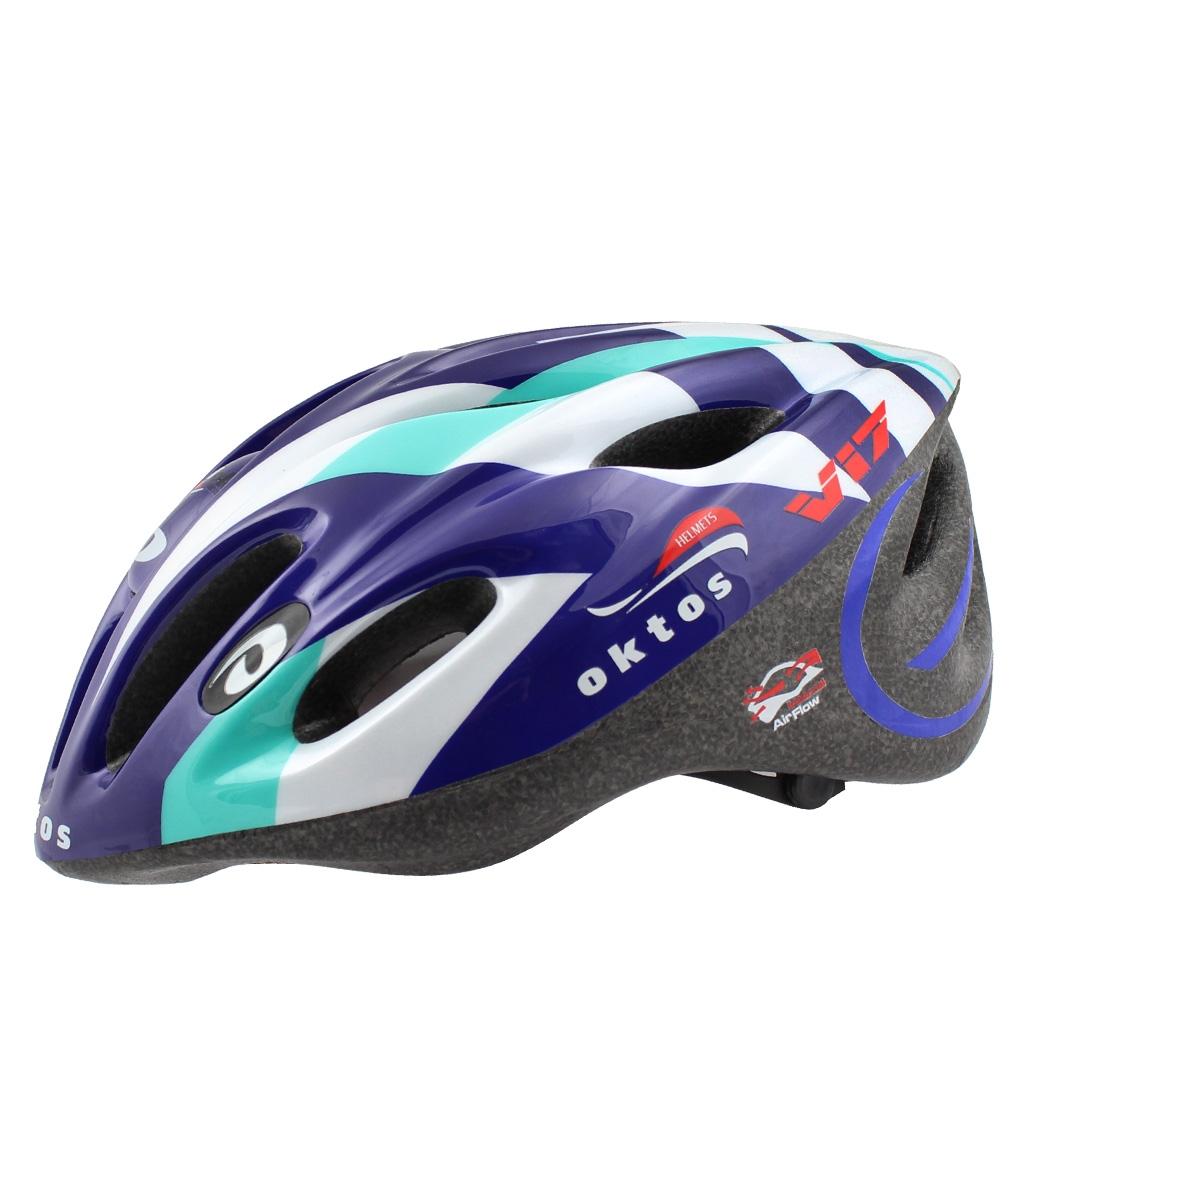 Casque vélo Adulte Oktos V17 Bleu/Blanc/Vert - M